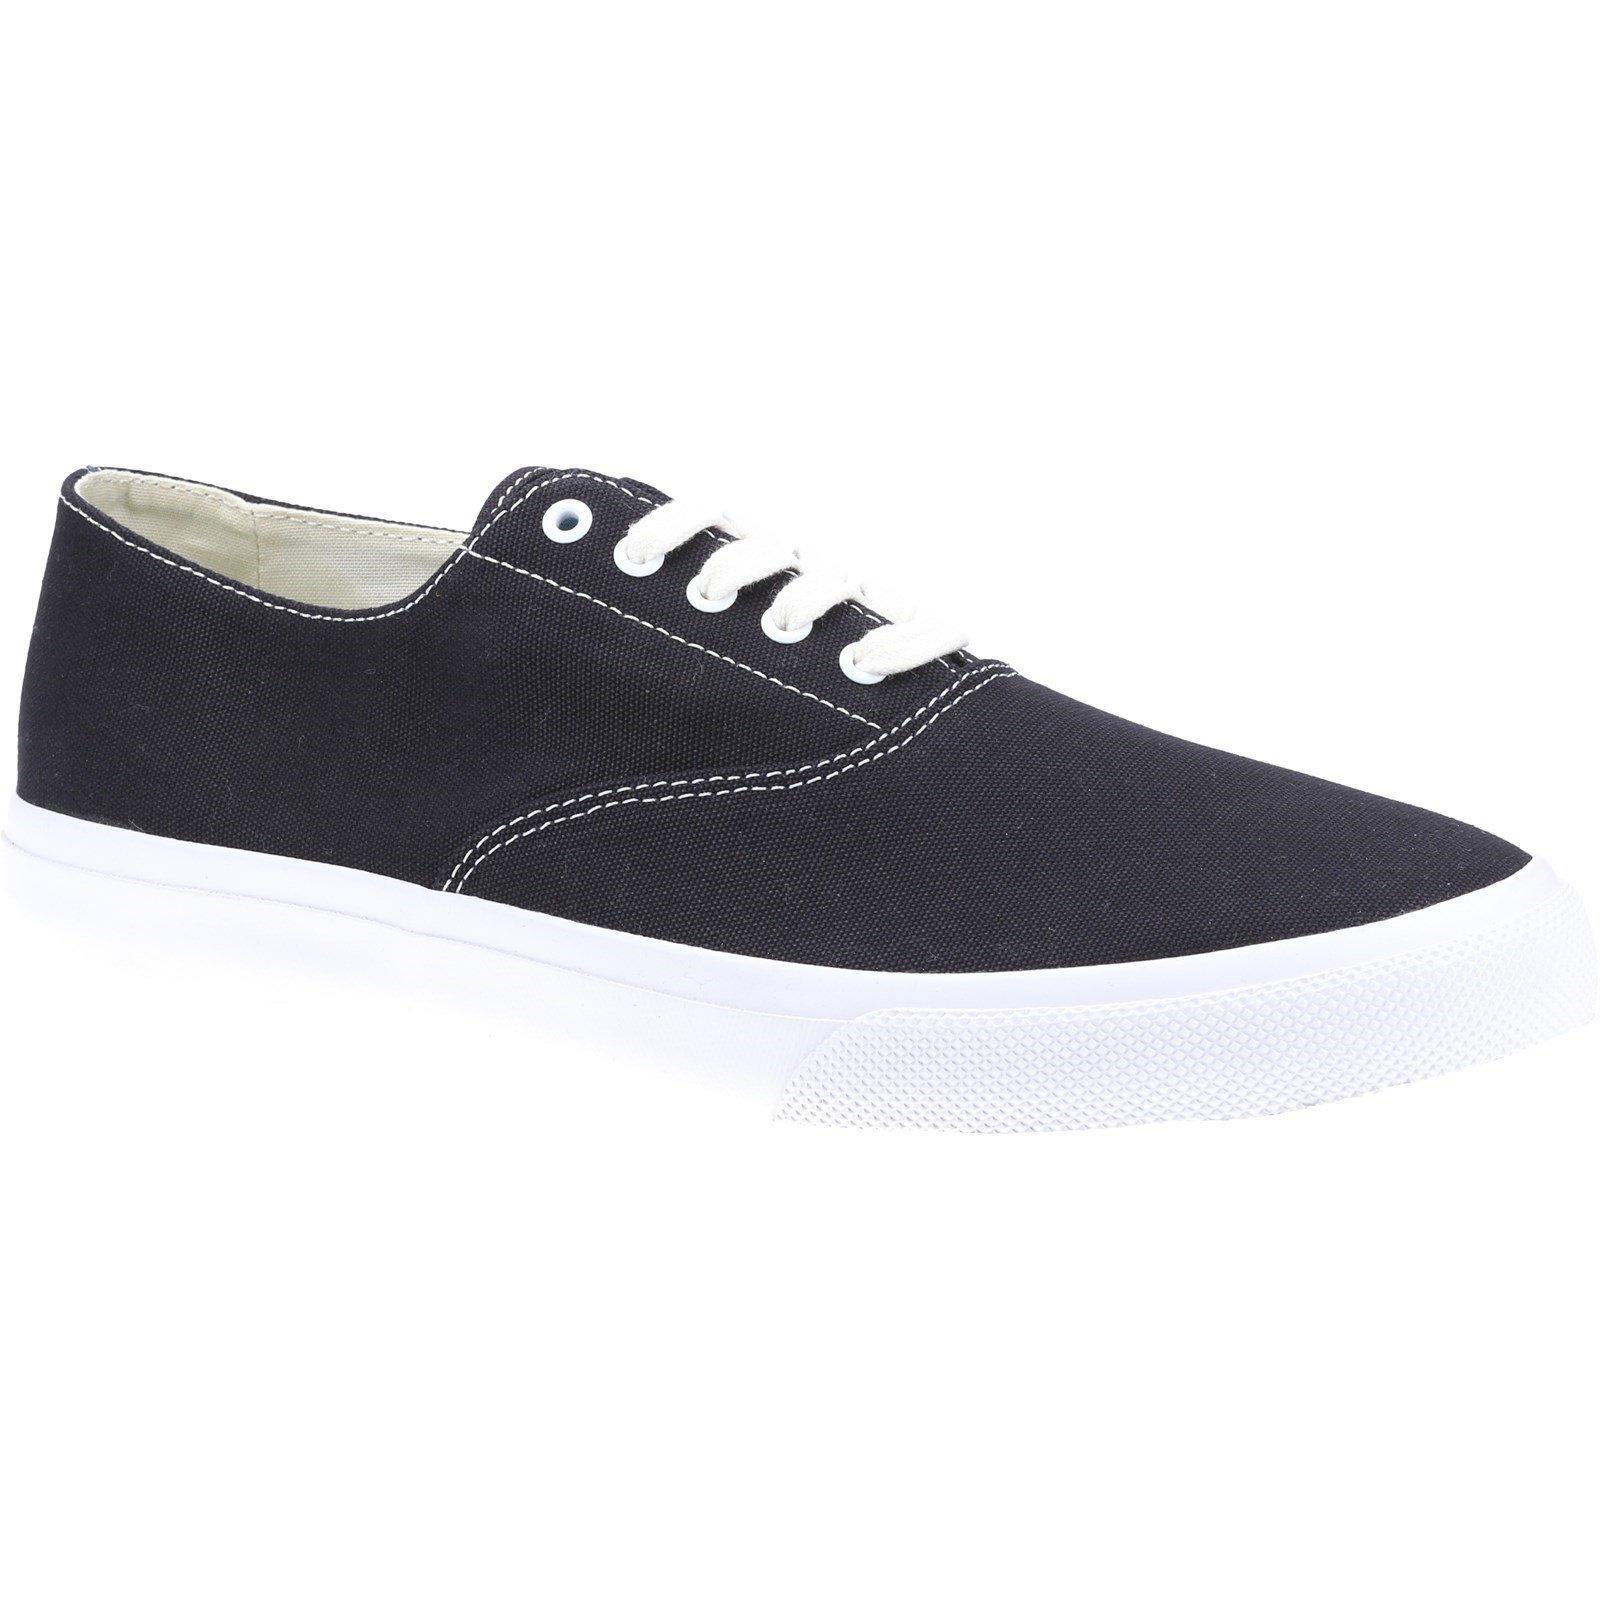 Sperry Men's Cloud CVO Boat Shoe Various Colours 33537 - Black 10